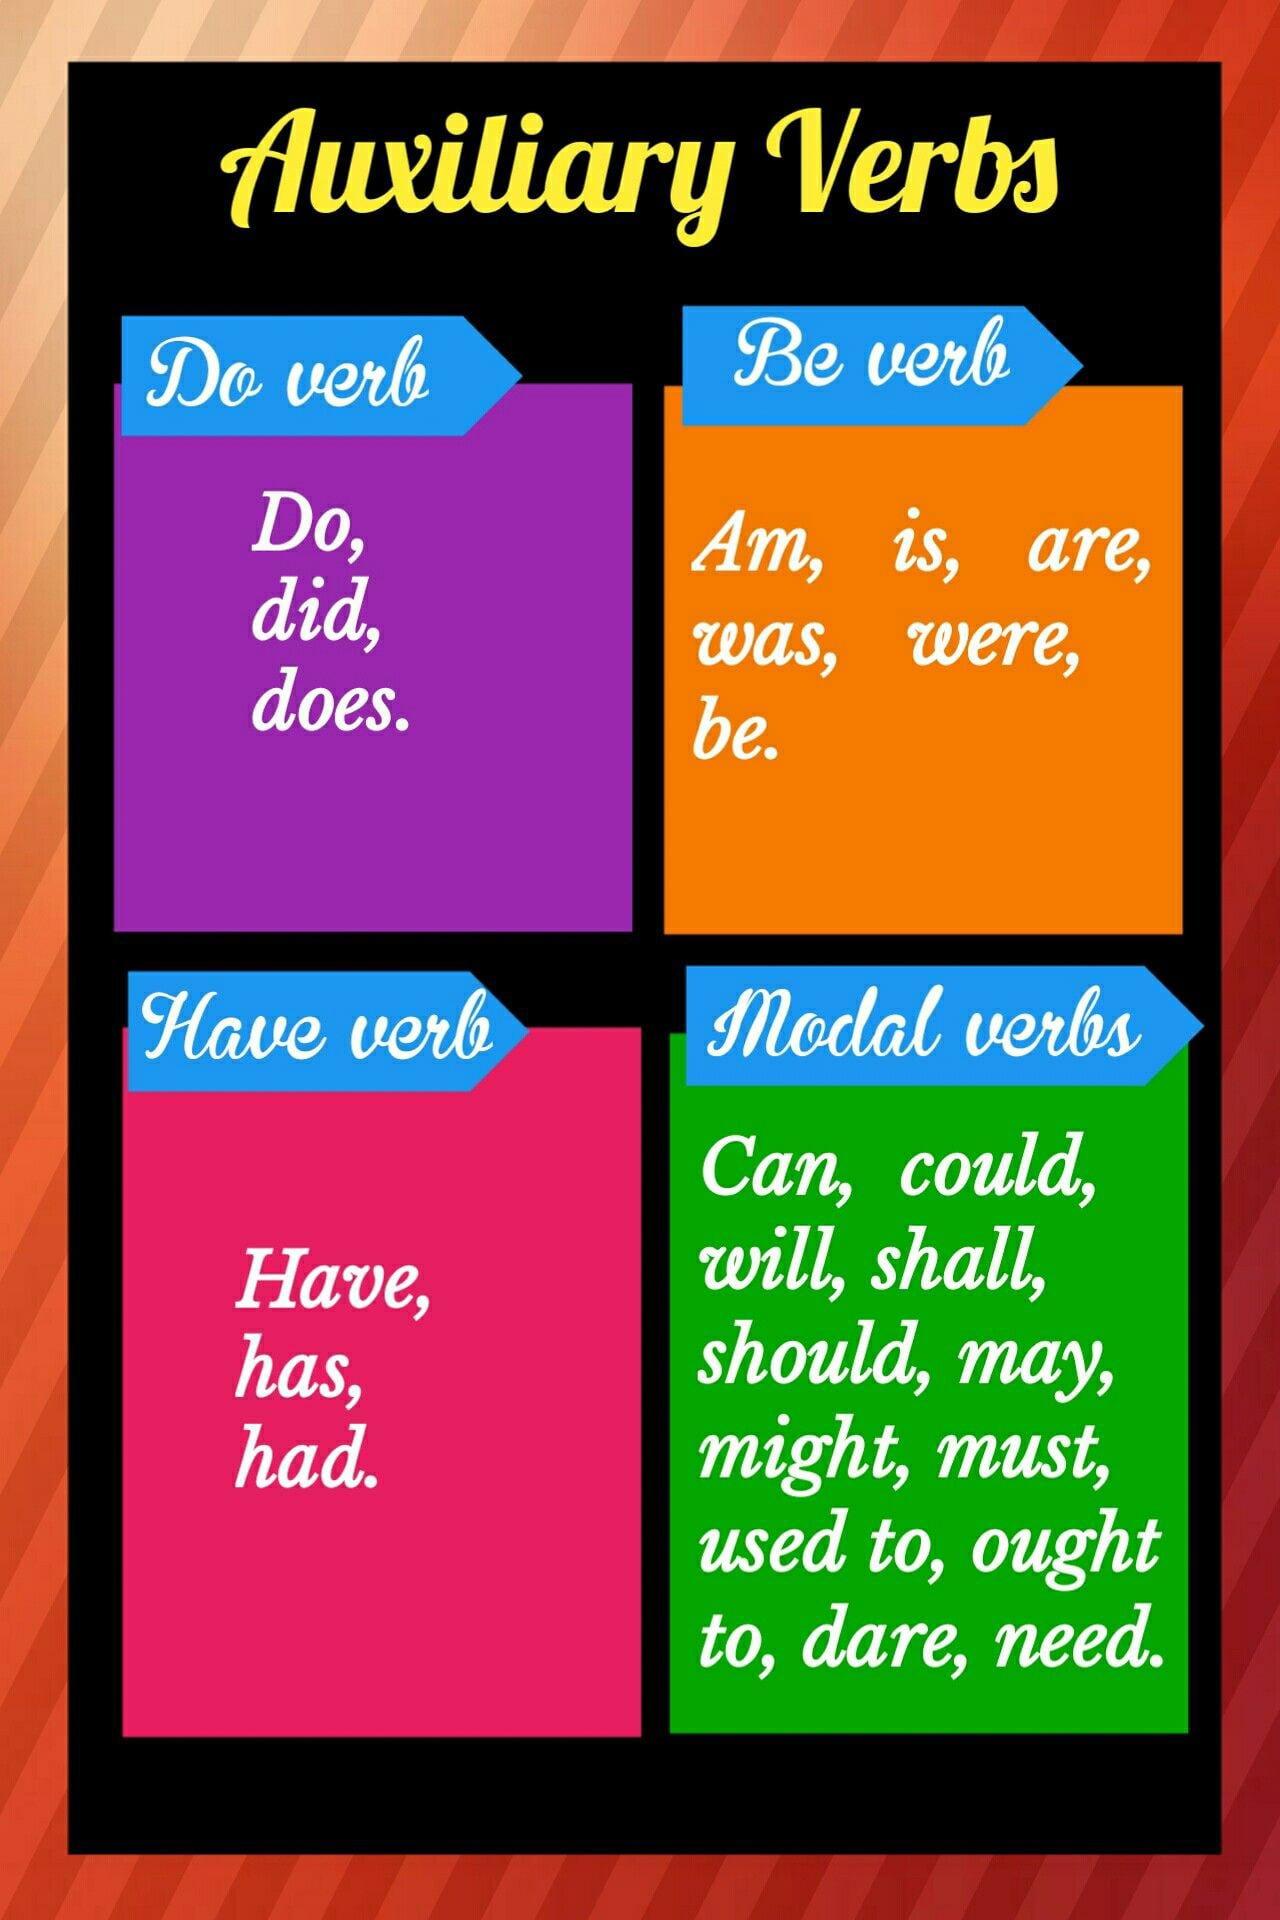 Động từ trong tiếng Anh